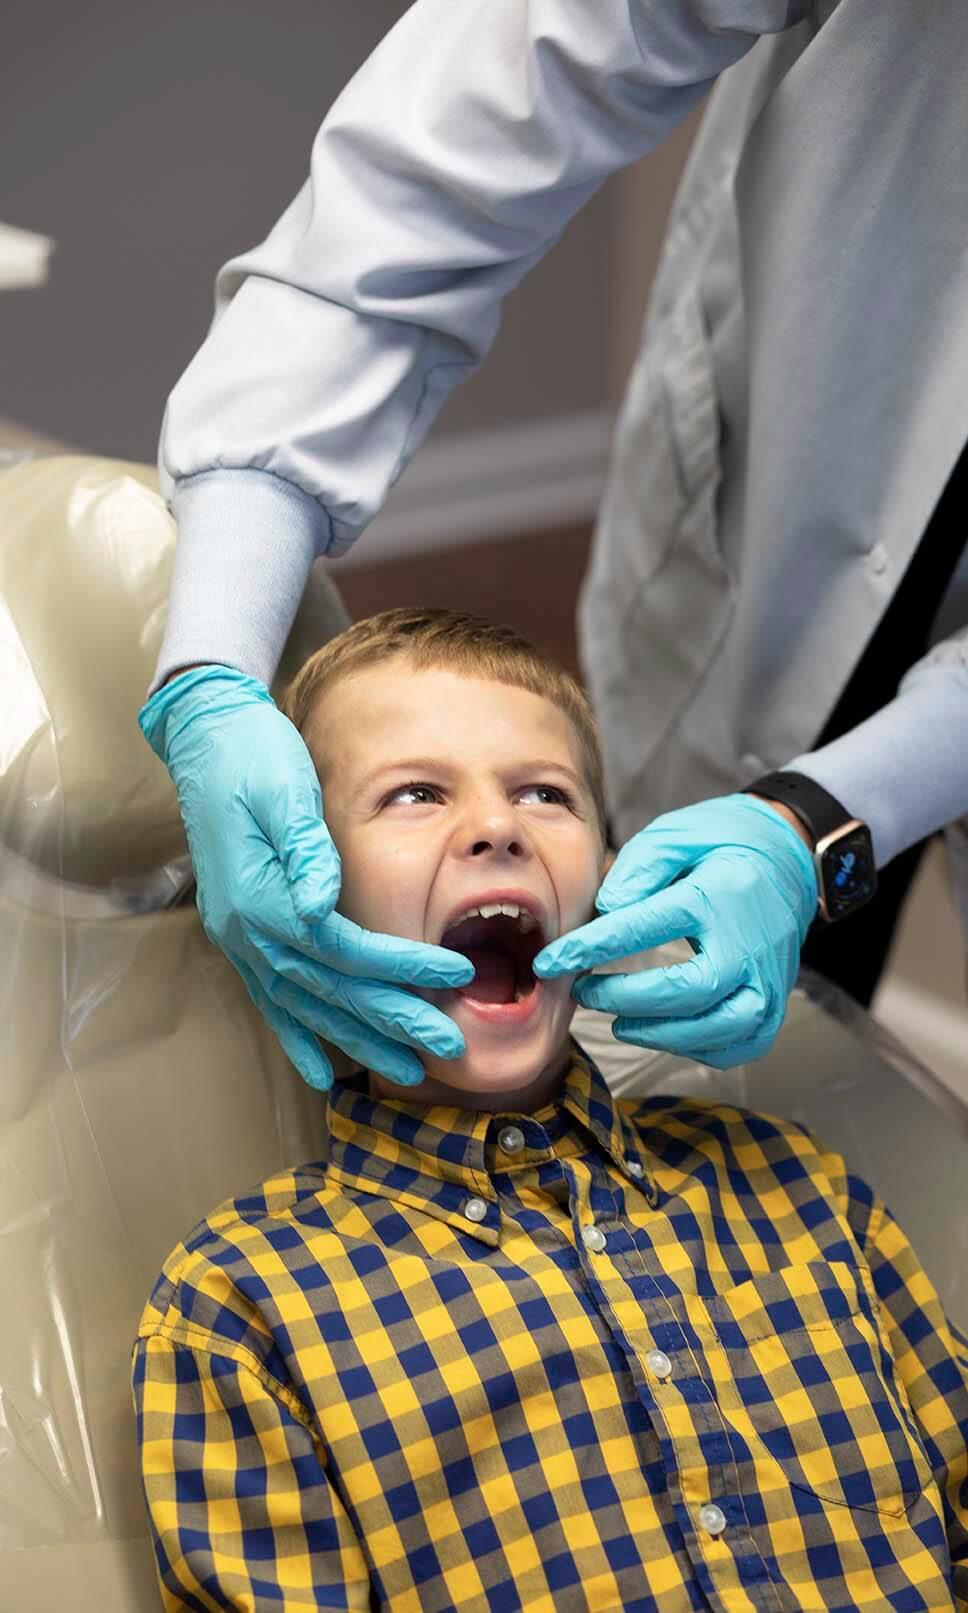 thomasville dental center patient 1